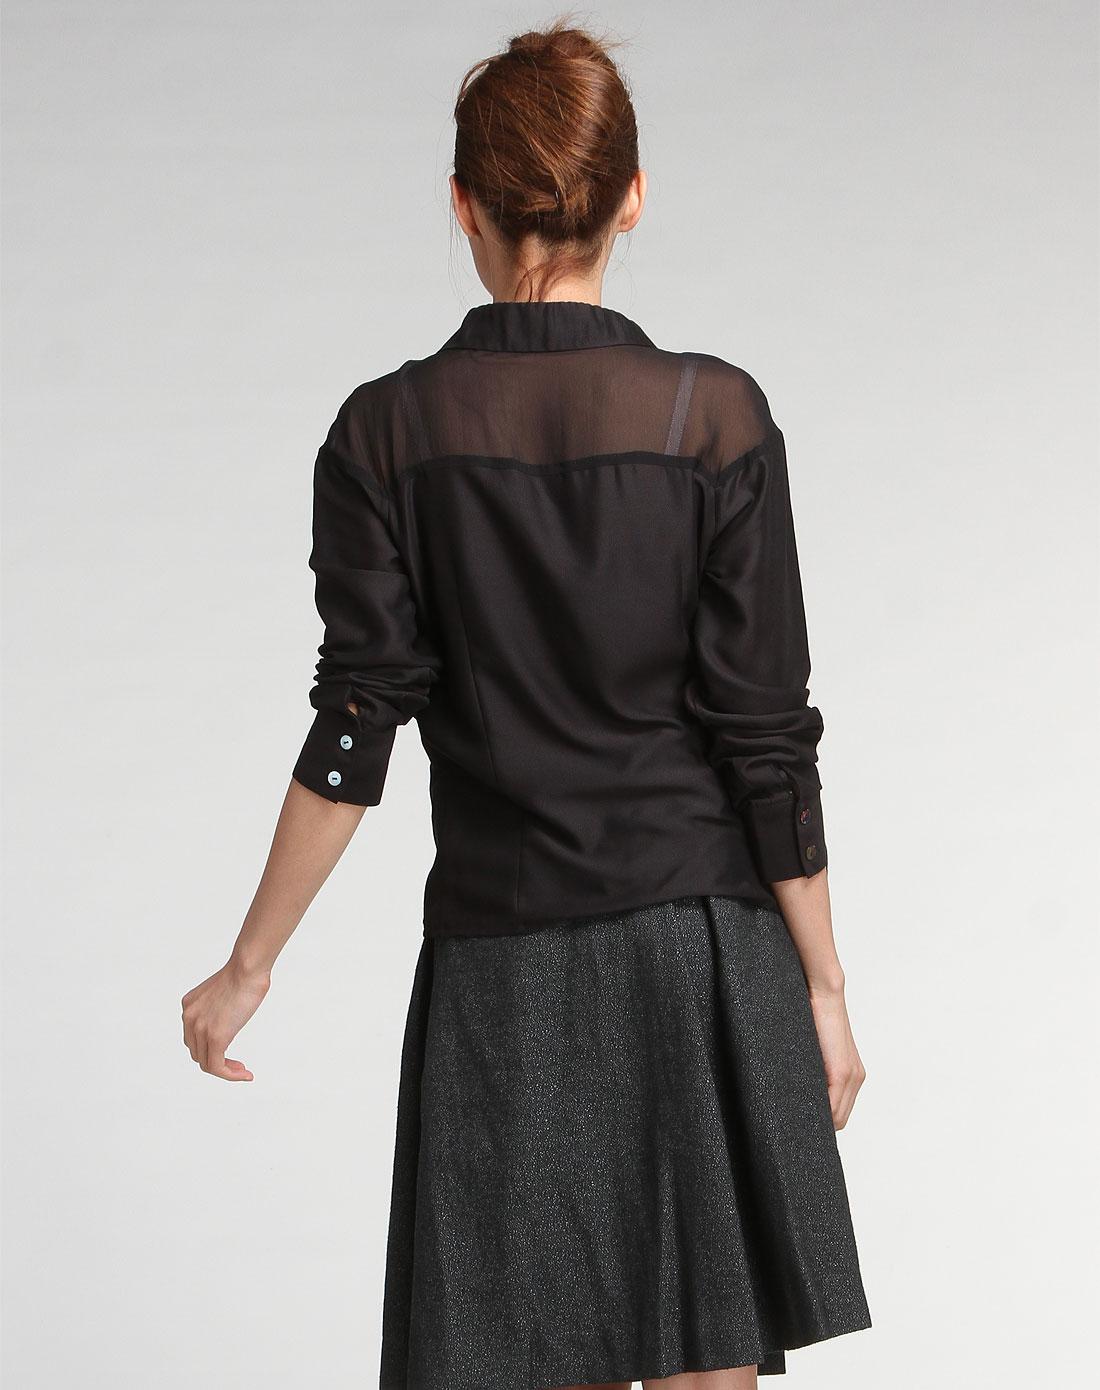 尹默immobile女装专场-黑色大方长袖衬衫